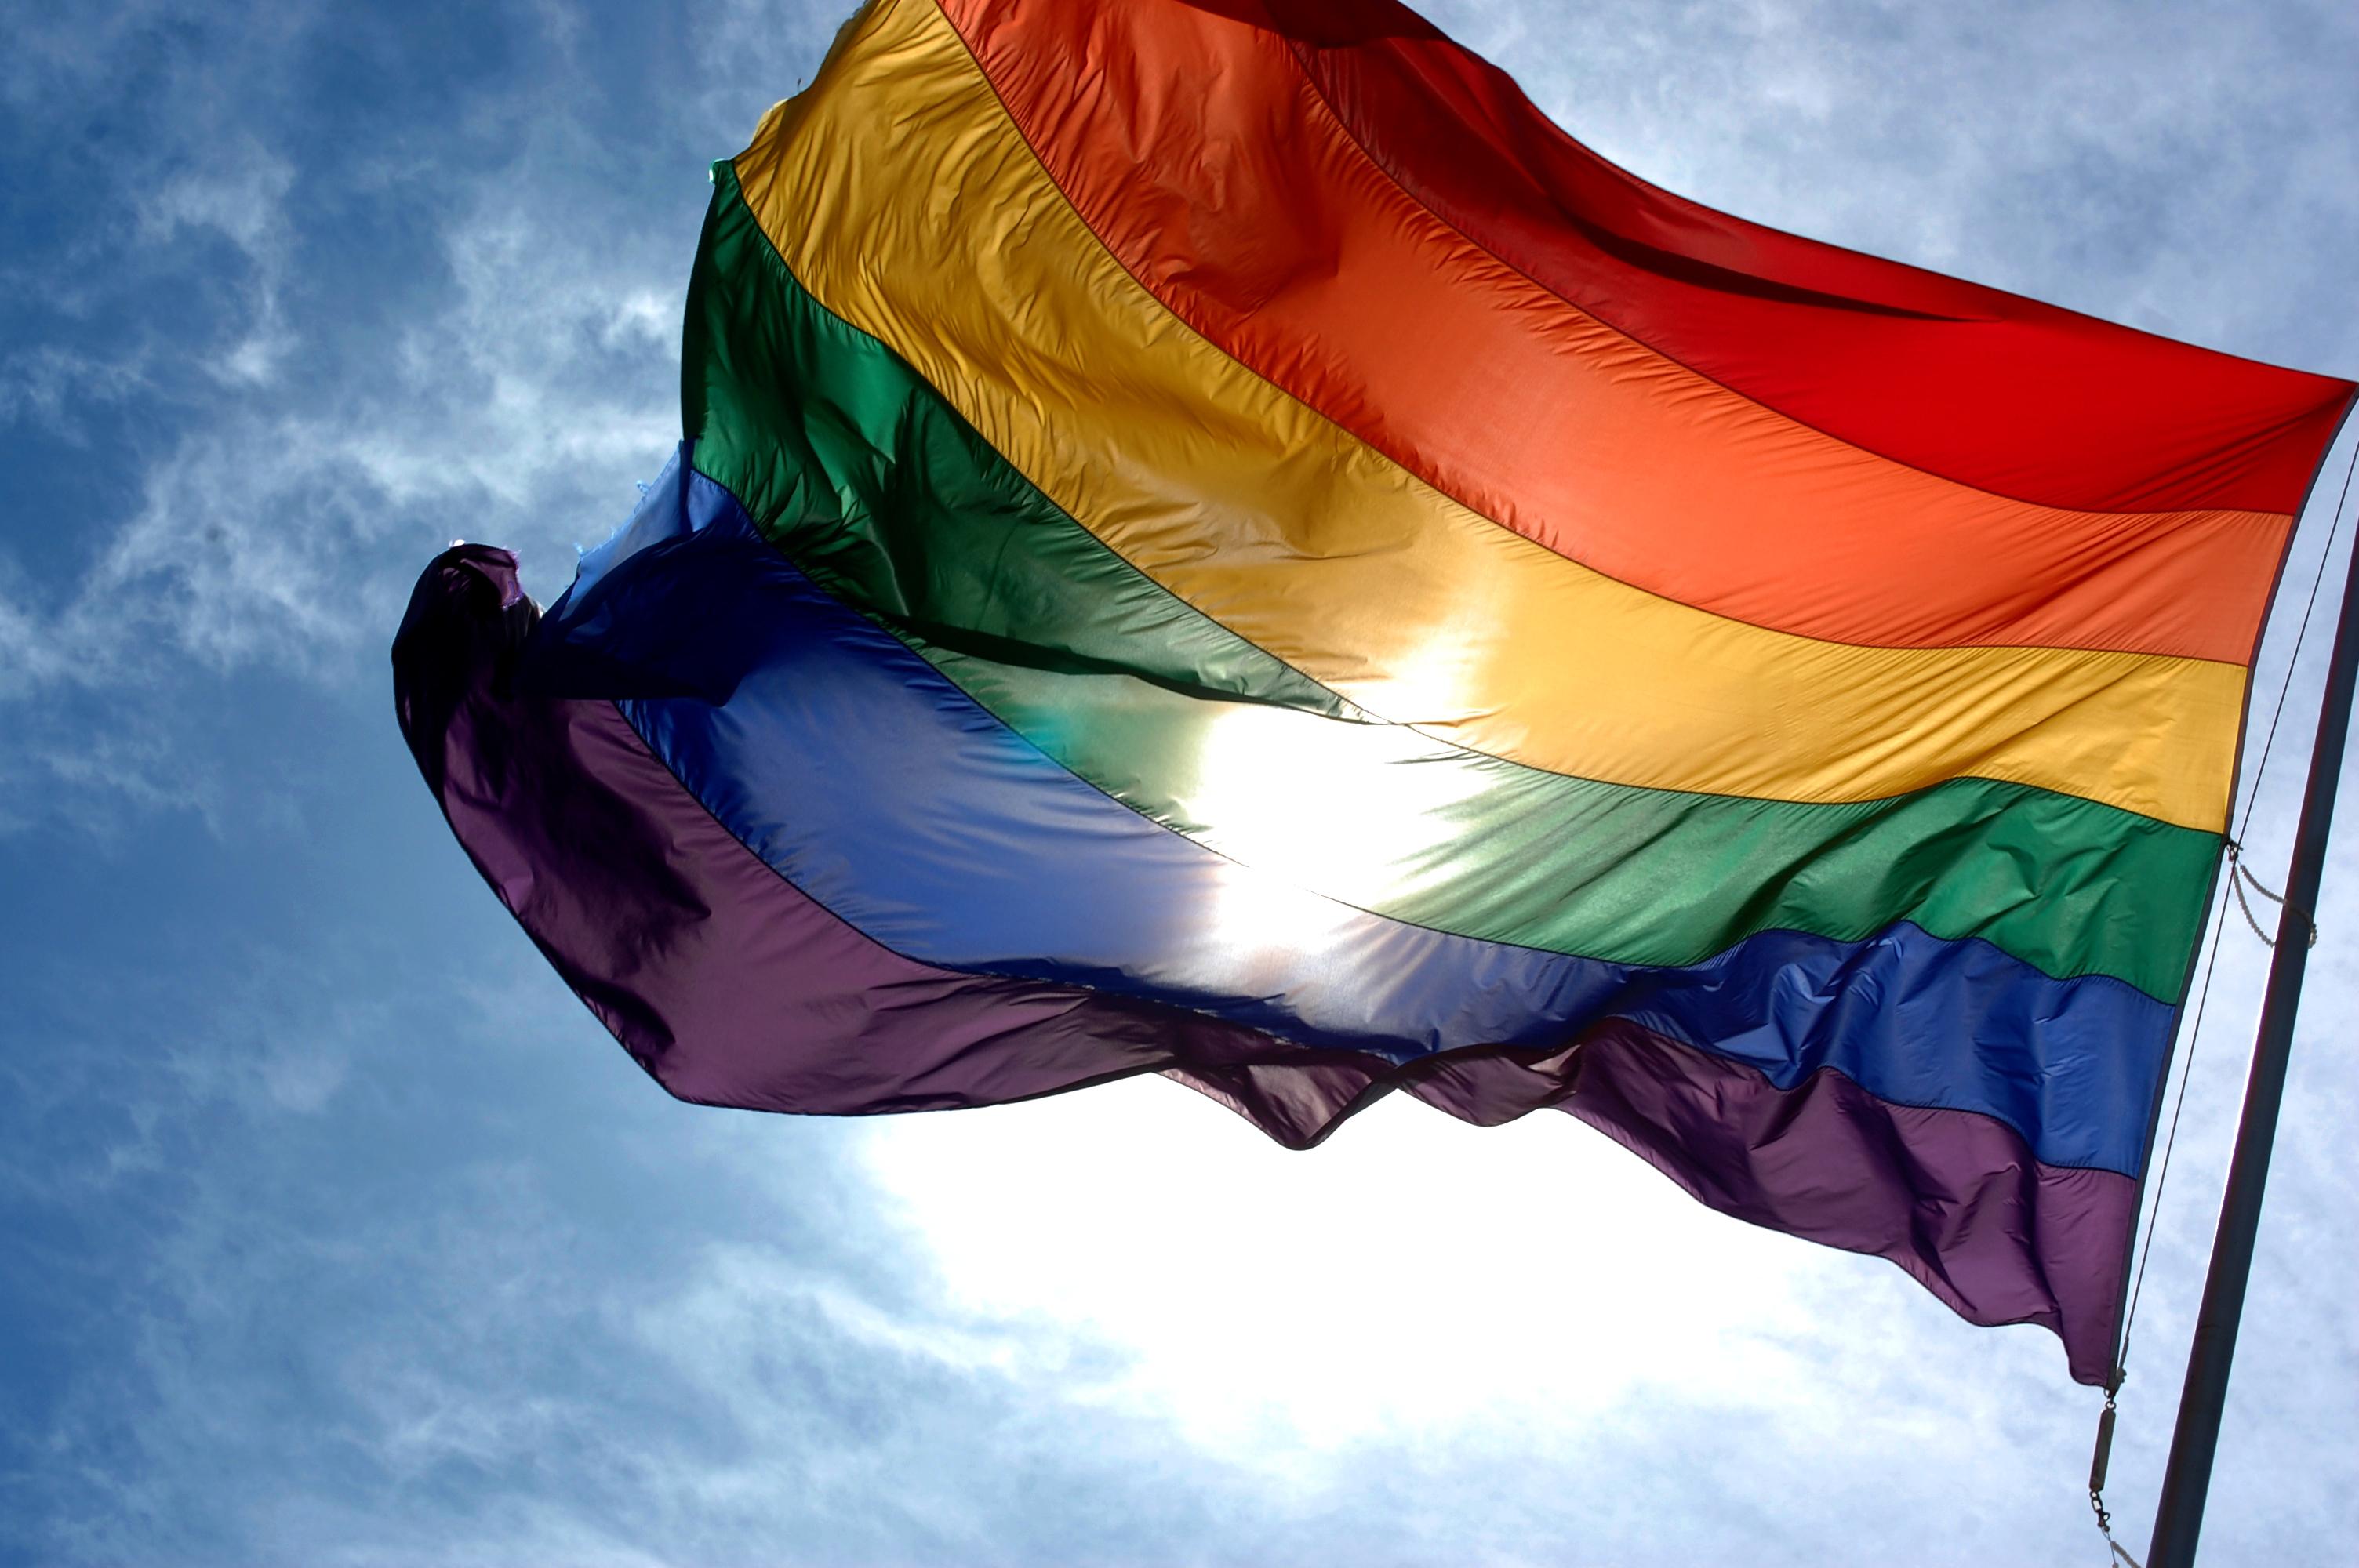 Rainbow flag and blue skies.jpg